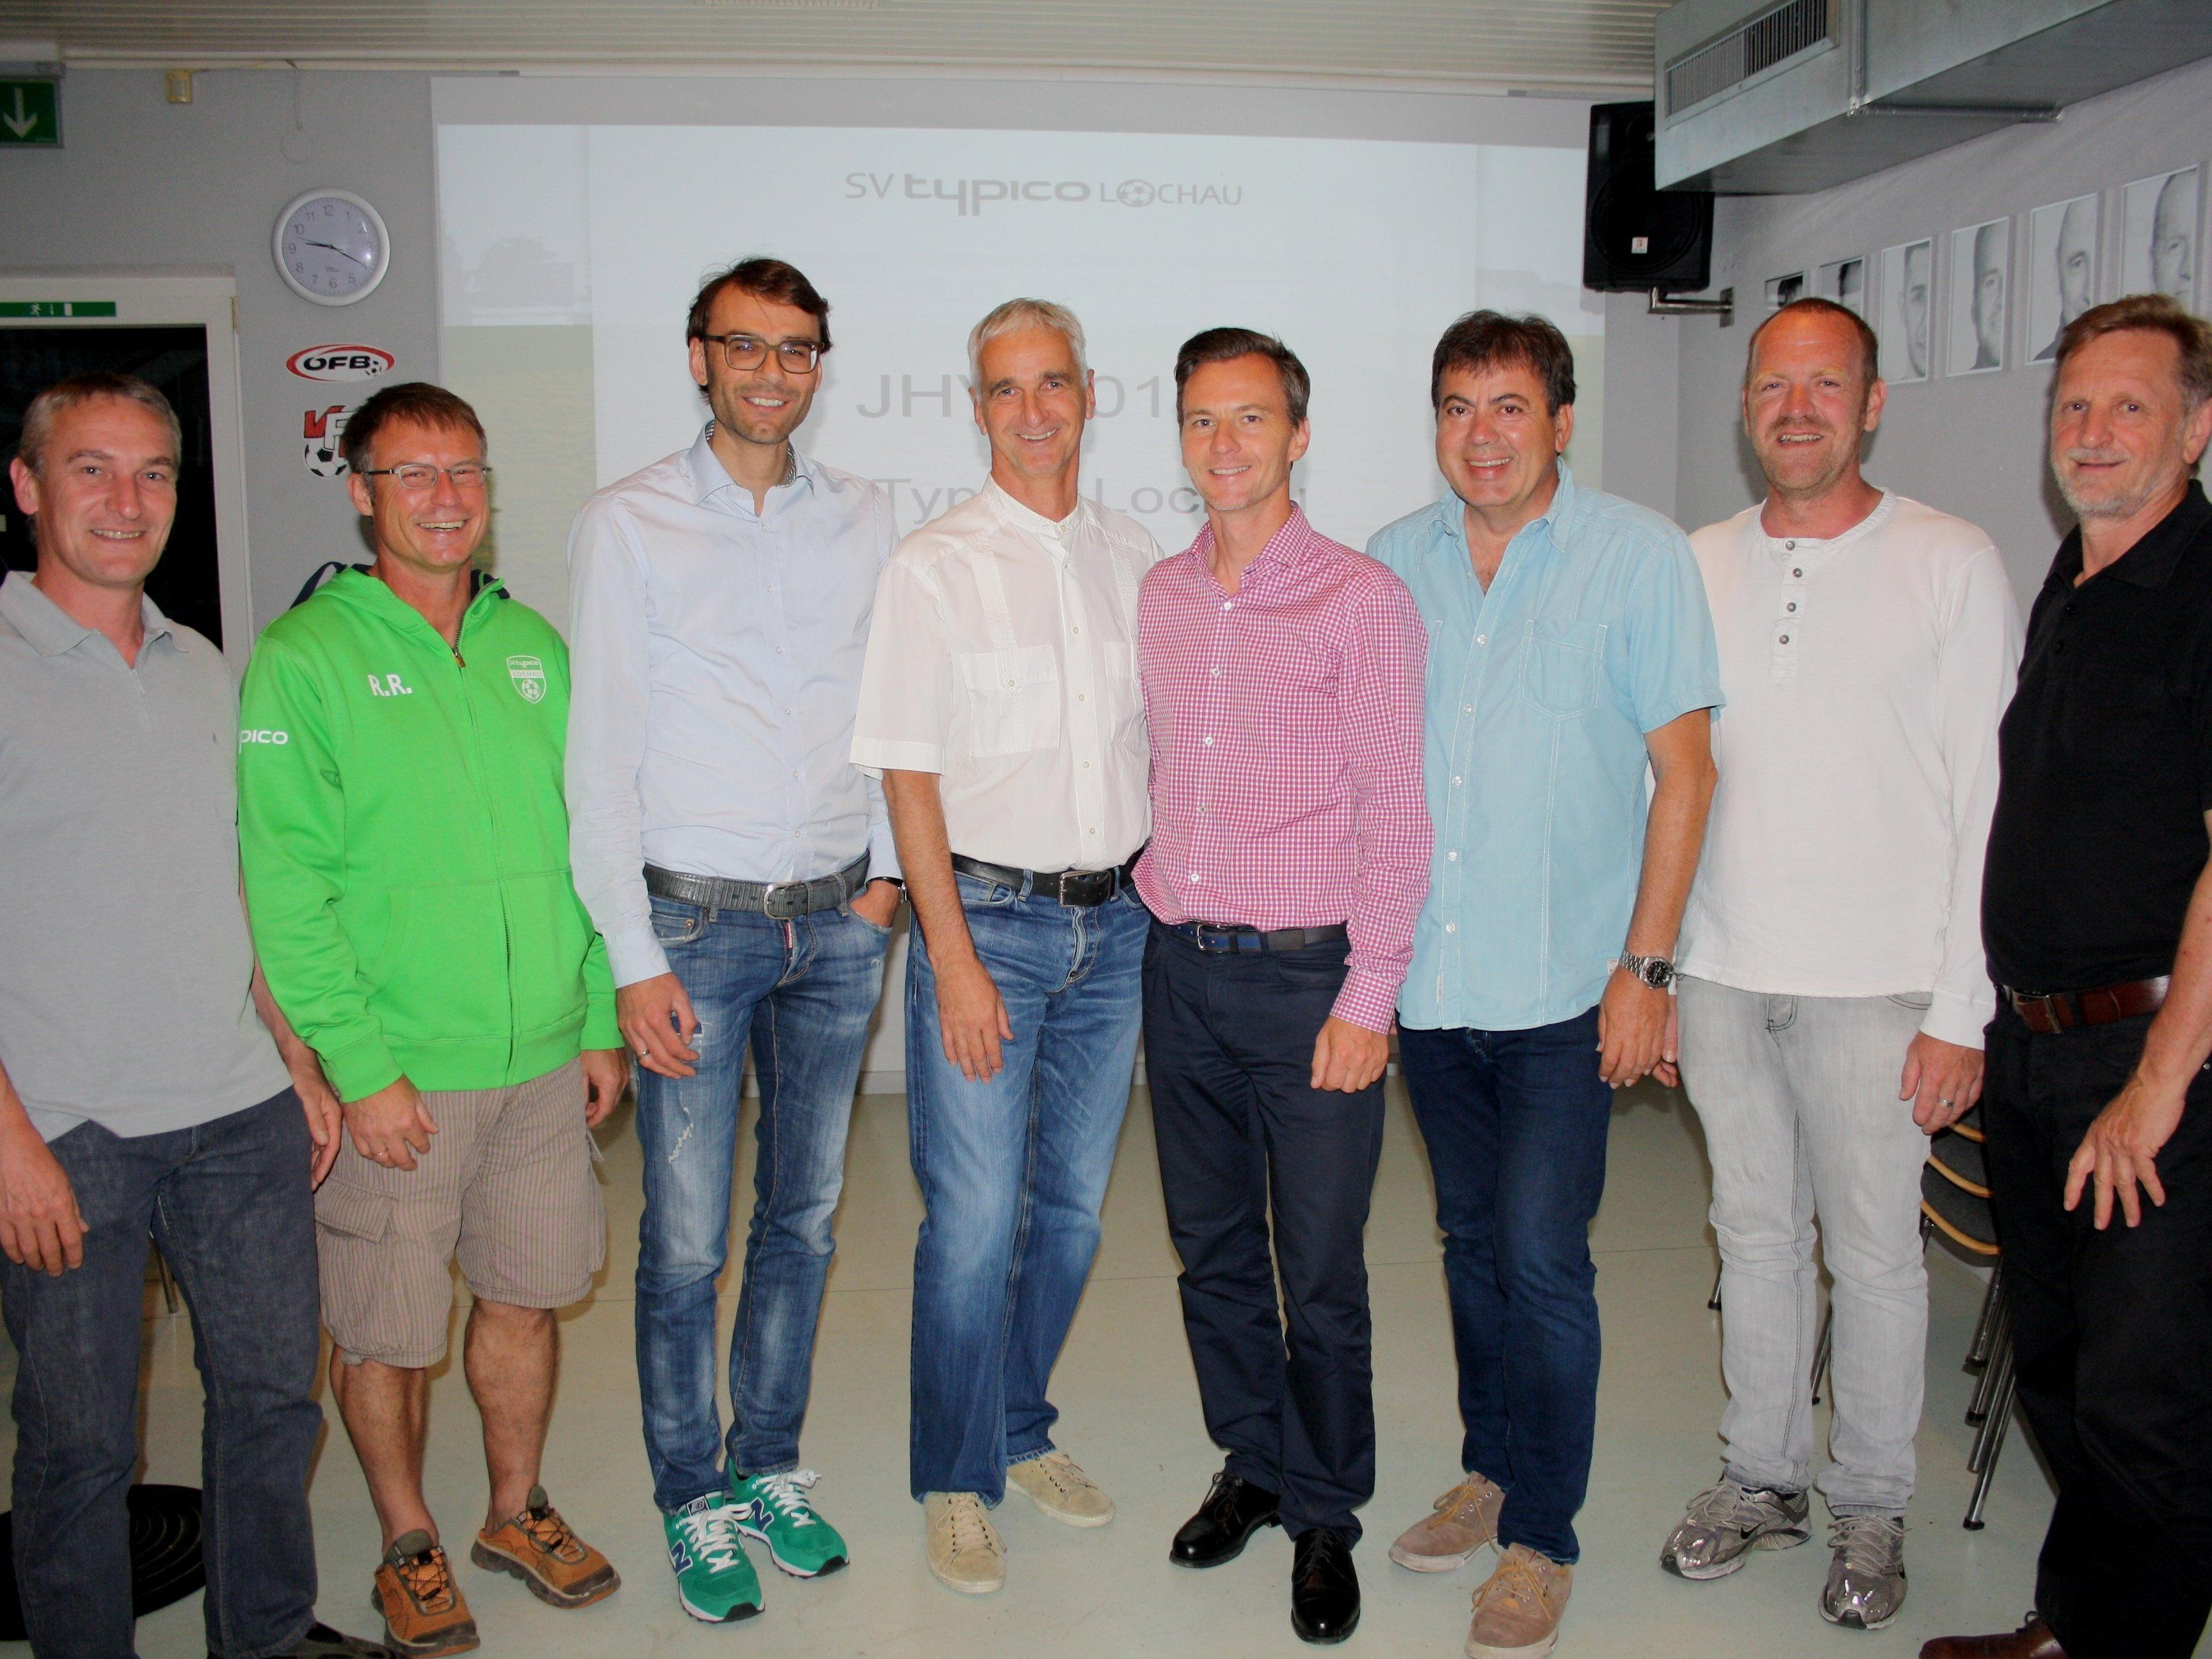 Ein erfolgreiches Team führt den SV Typico Lochau: Christof Grones, Ralf Renoth, Christof Kogler, Markus Graz, Obmann Alexander Schiller, Egon Haag, Robert Schwarz und Franz Müller. Es fehlt Thomas Kollnig.